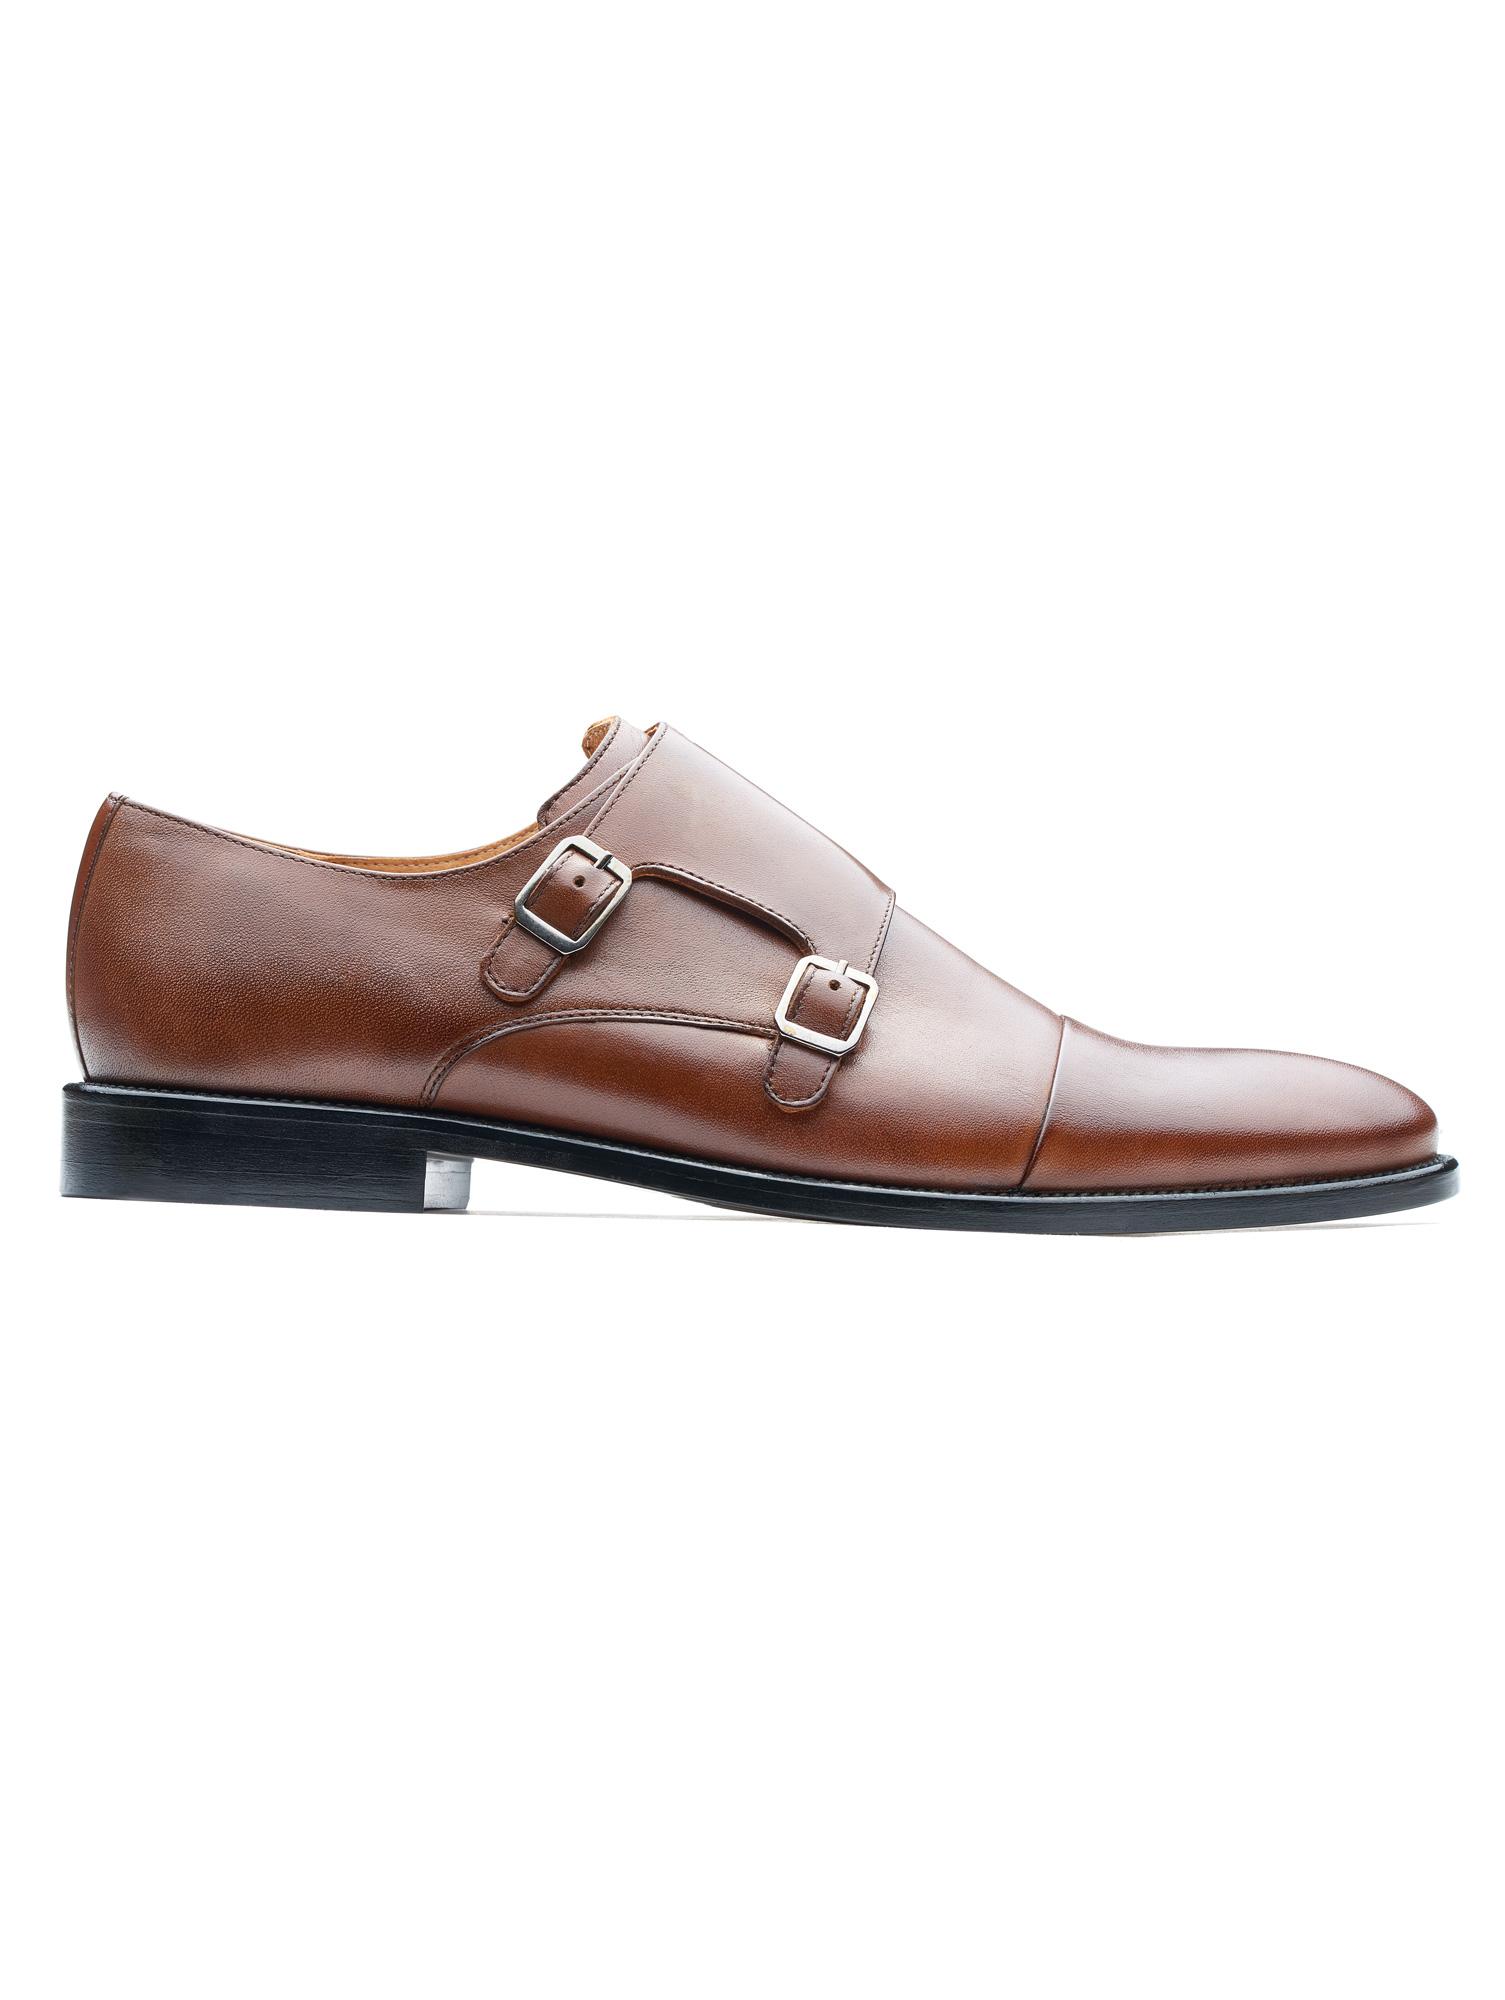 22d919f0c9 4 pomysły jak dobrać buty do garnituru ślubnego - Wedding.pl radzi